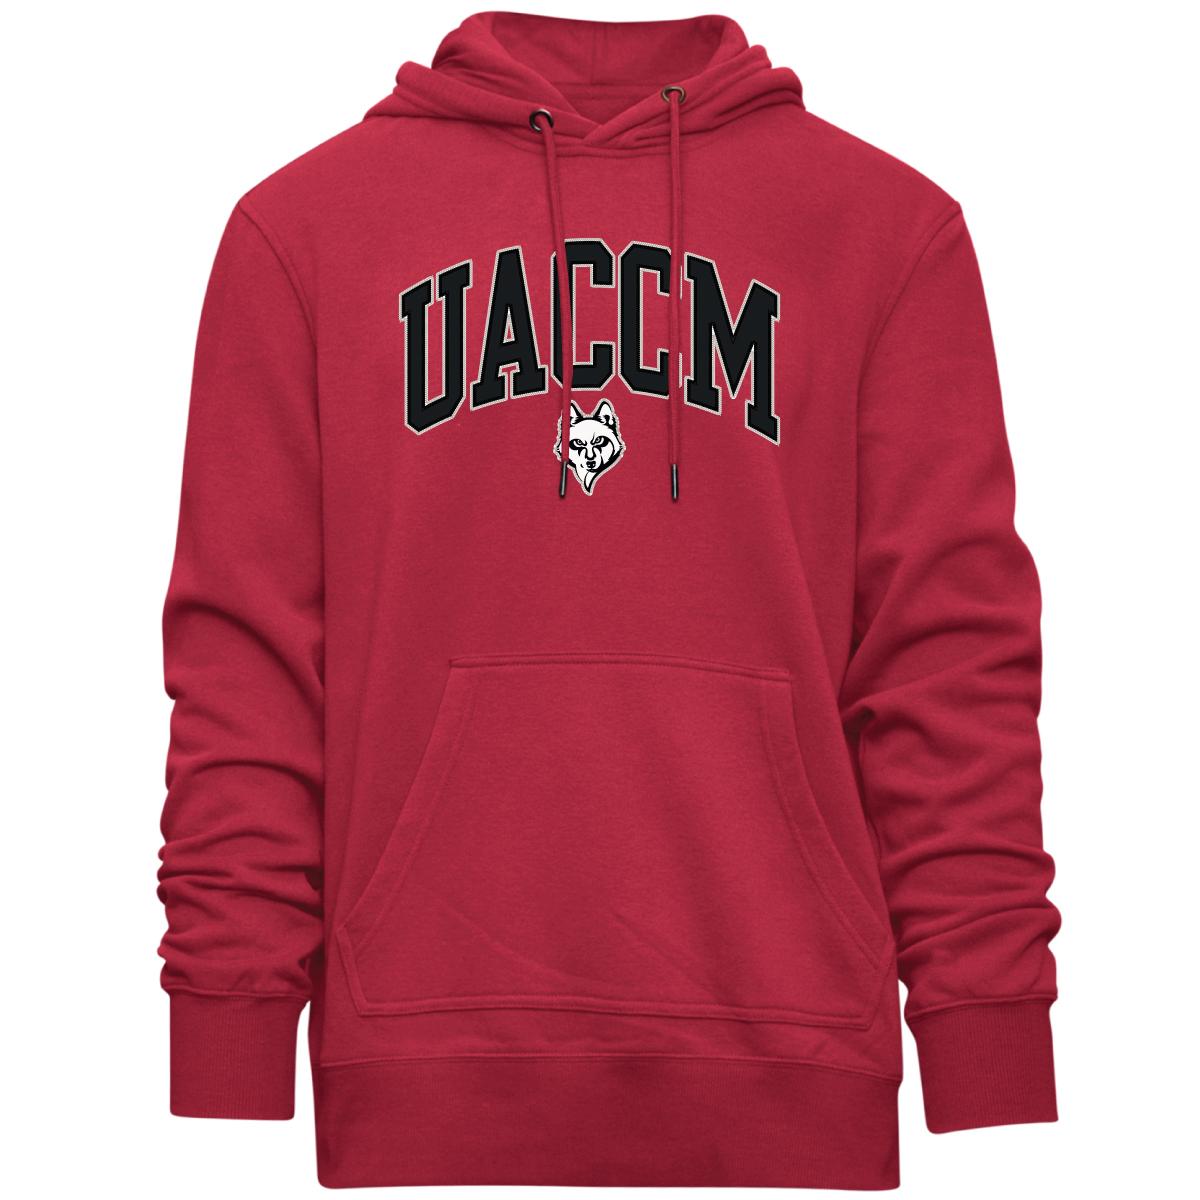 UACCM Rookie Hoodie